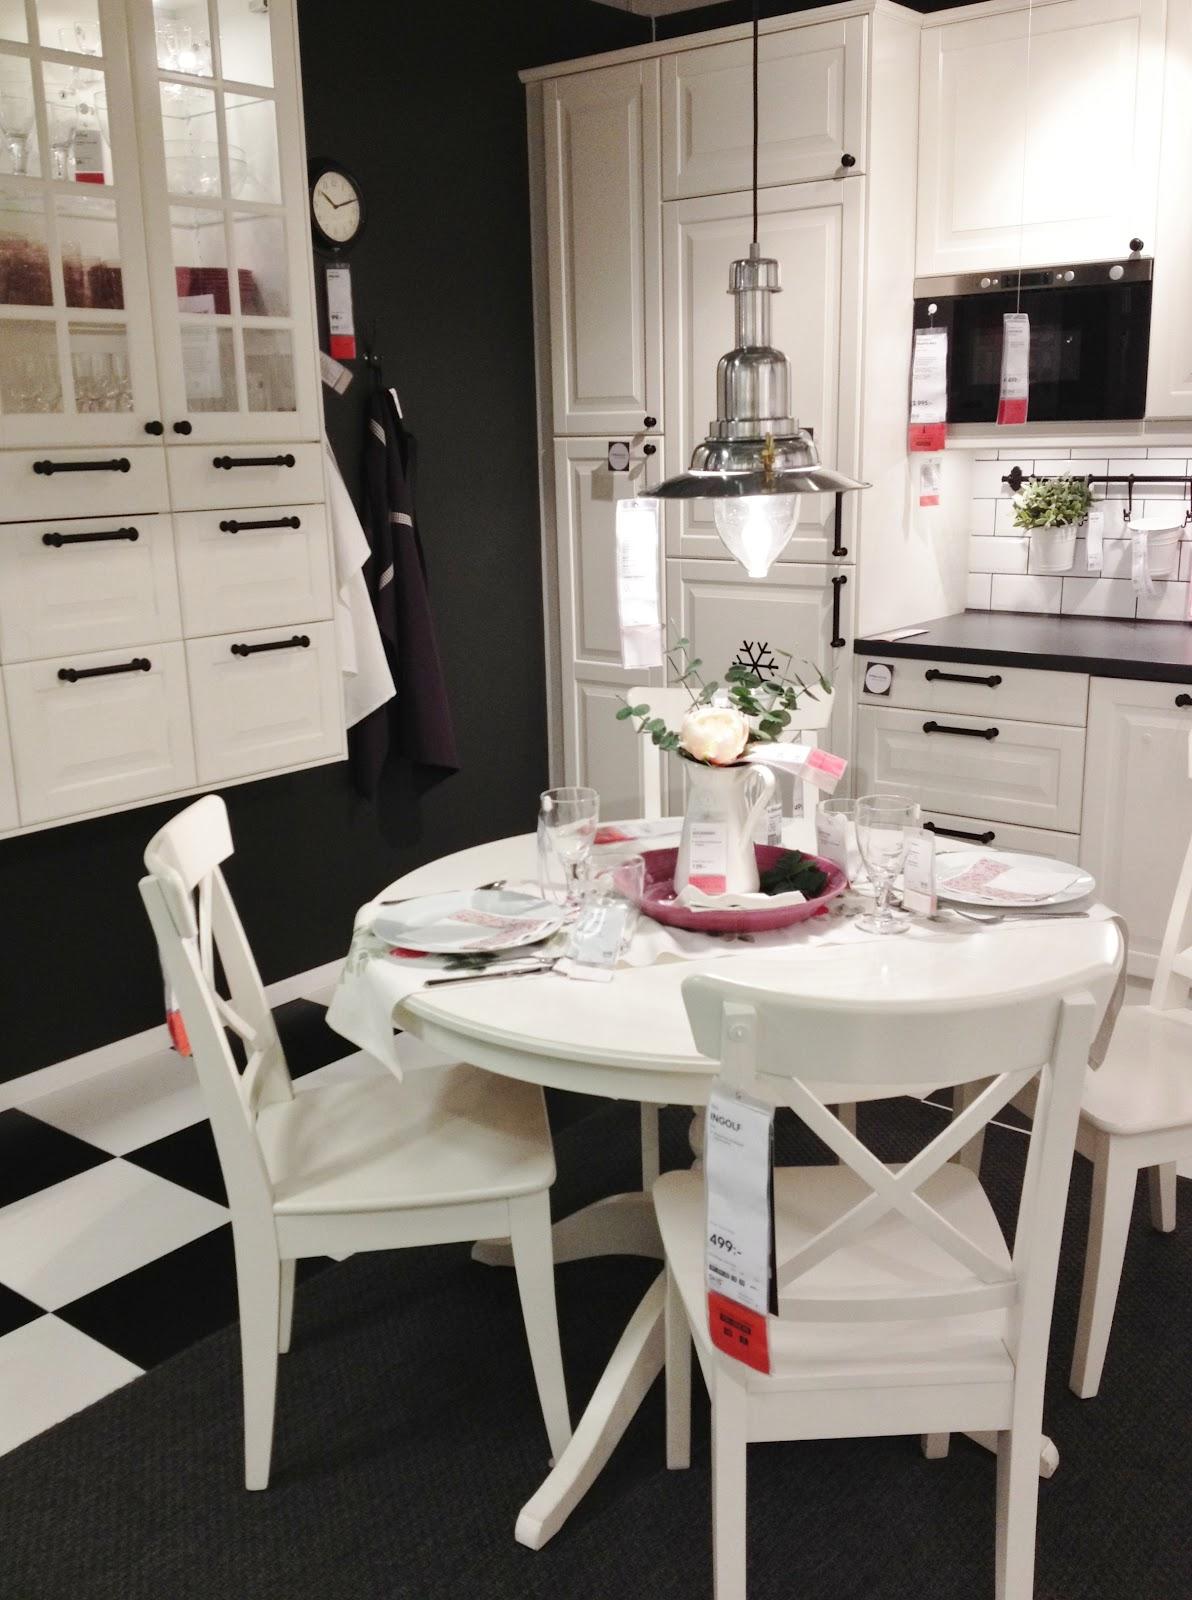 k ksinspiration fr n ikea. Black Bedroom Furniture Sets. Home Design Ideas